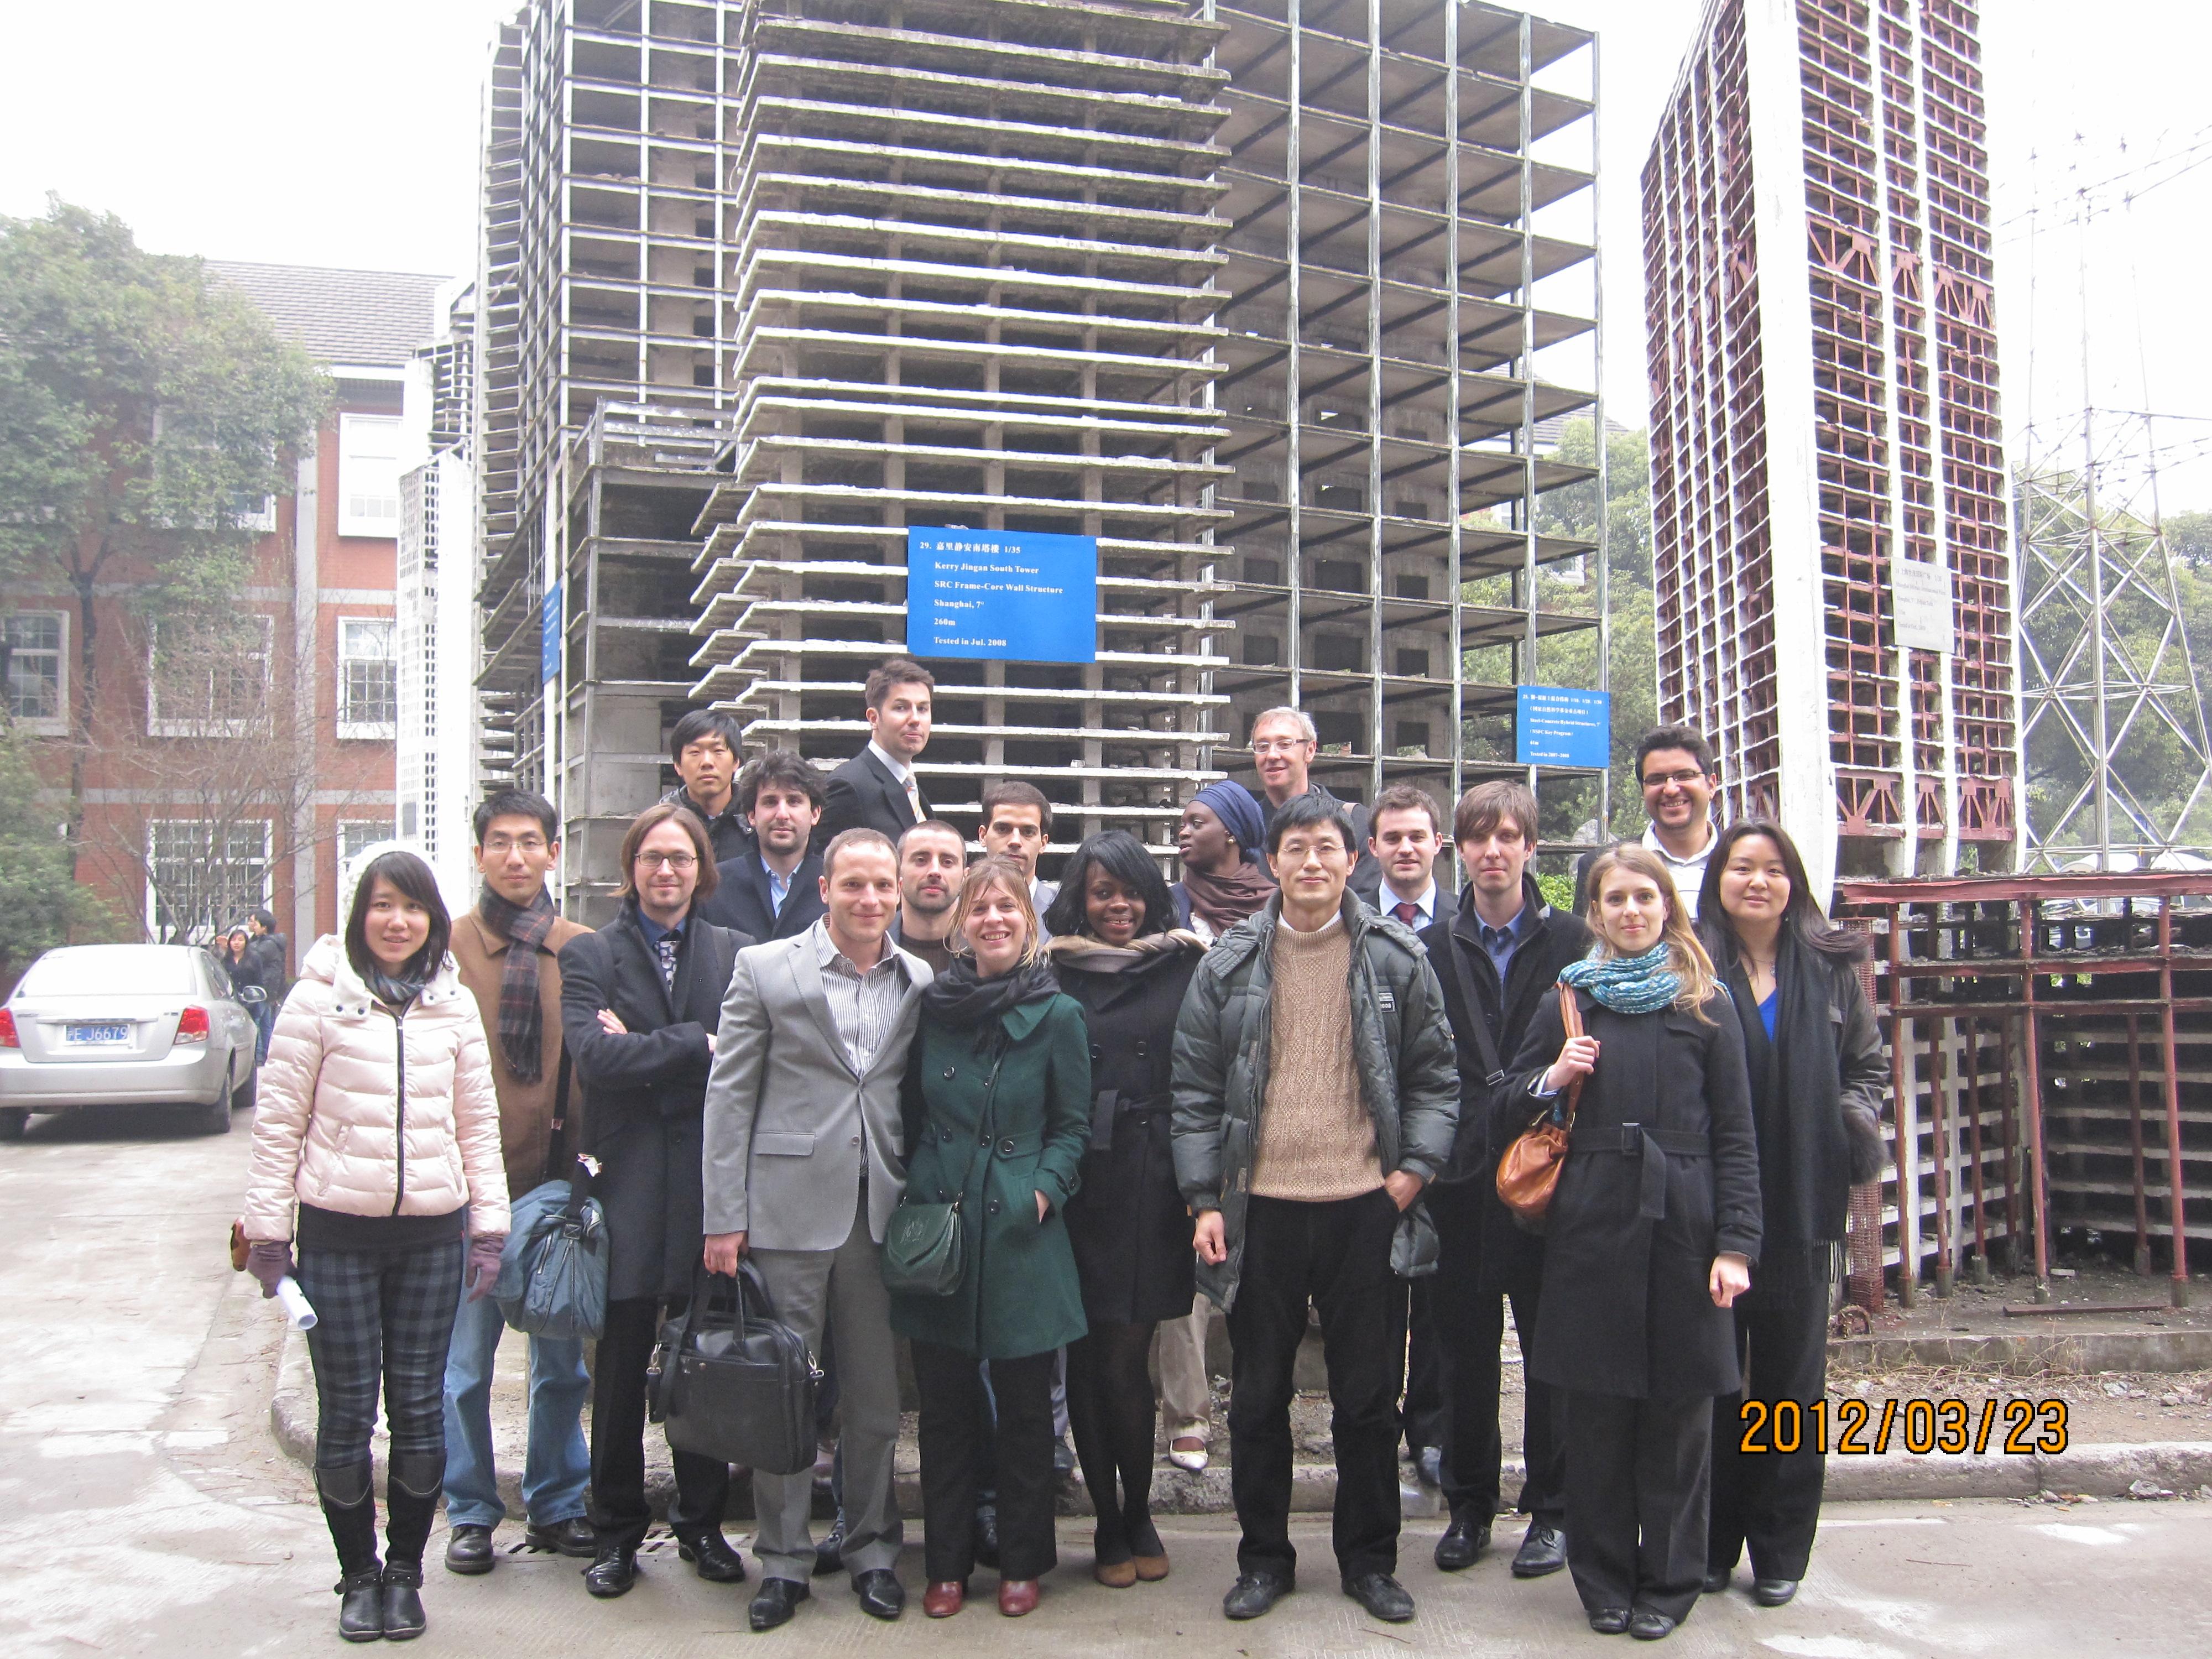 photos du s u00e9minaire  u00e0 shanghai  mars 2012